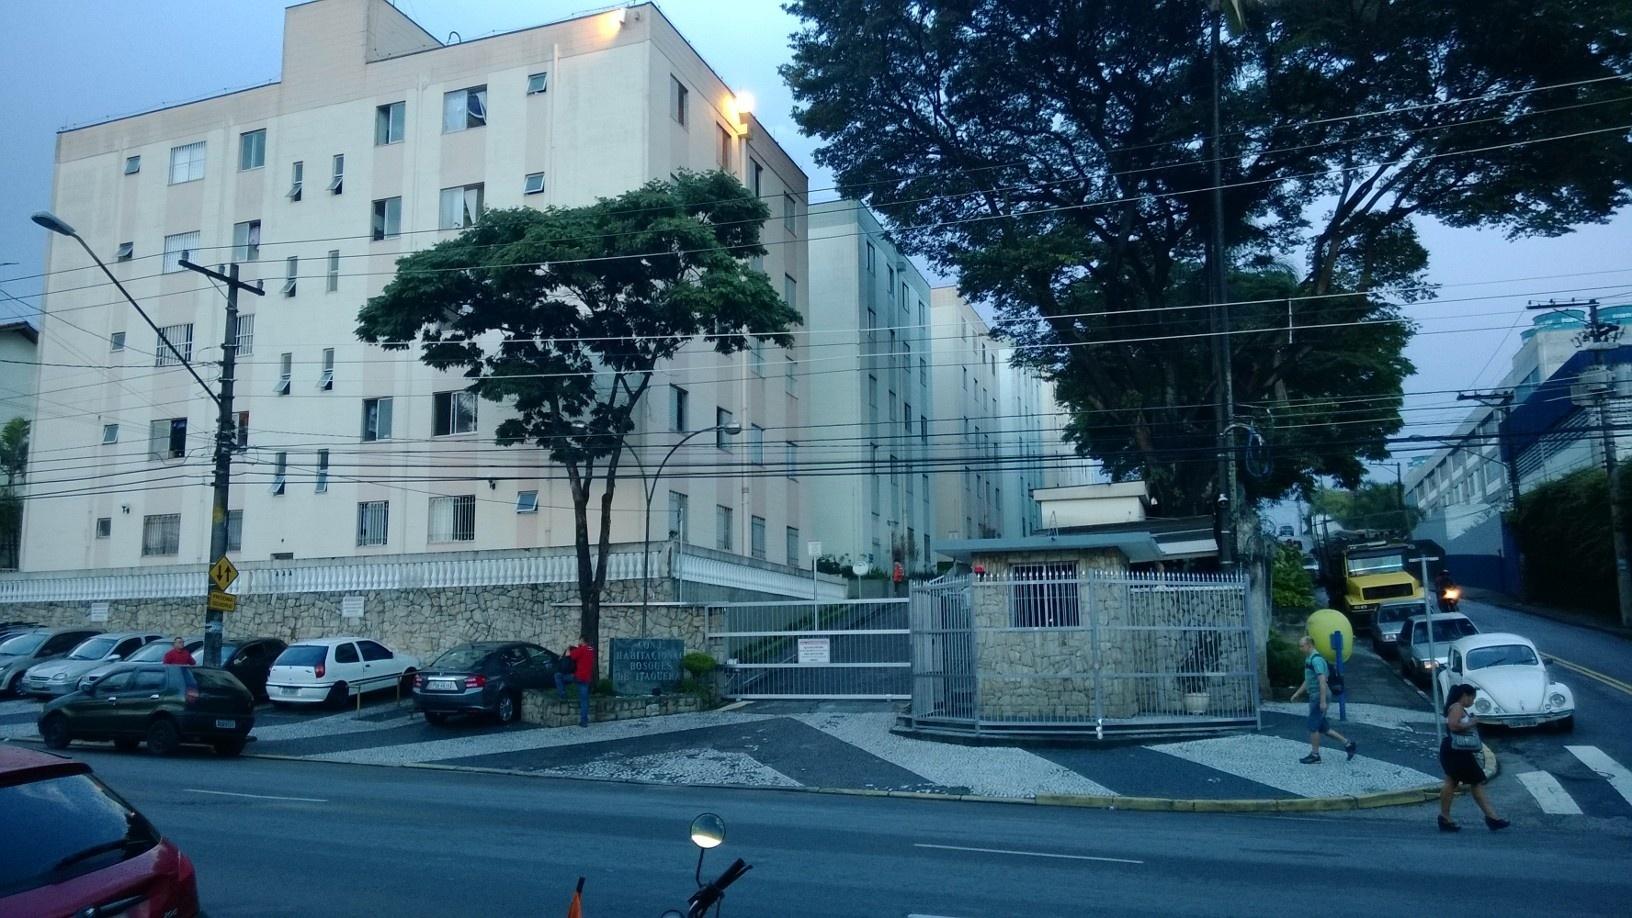 Um dos quatro imóveis que a família de Thiago Yuri pretende alugar para a Copa fica neste prédio, a 3,5 km do Arena Corinthians, em São Paulo (SP). Preço para 32 dias com serviços de motorista, camareira e tradutor incluídos é R$ 80 mil